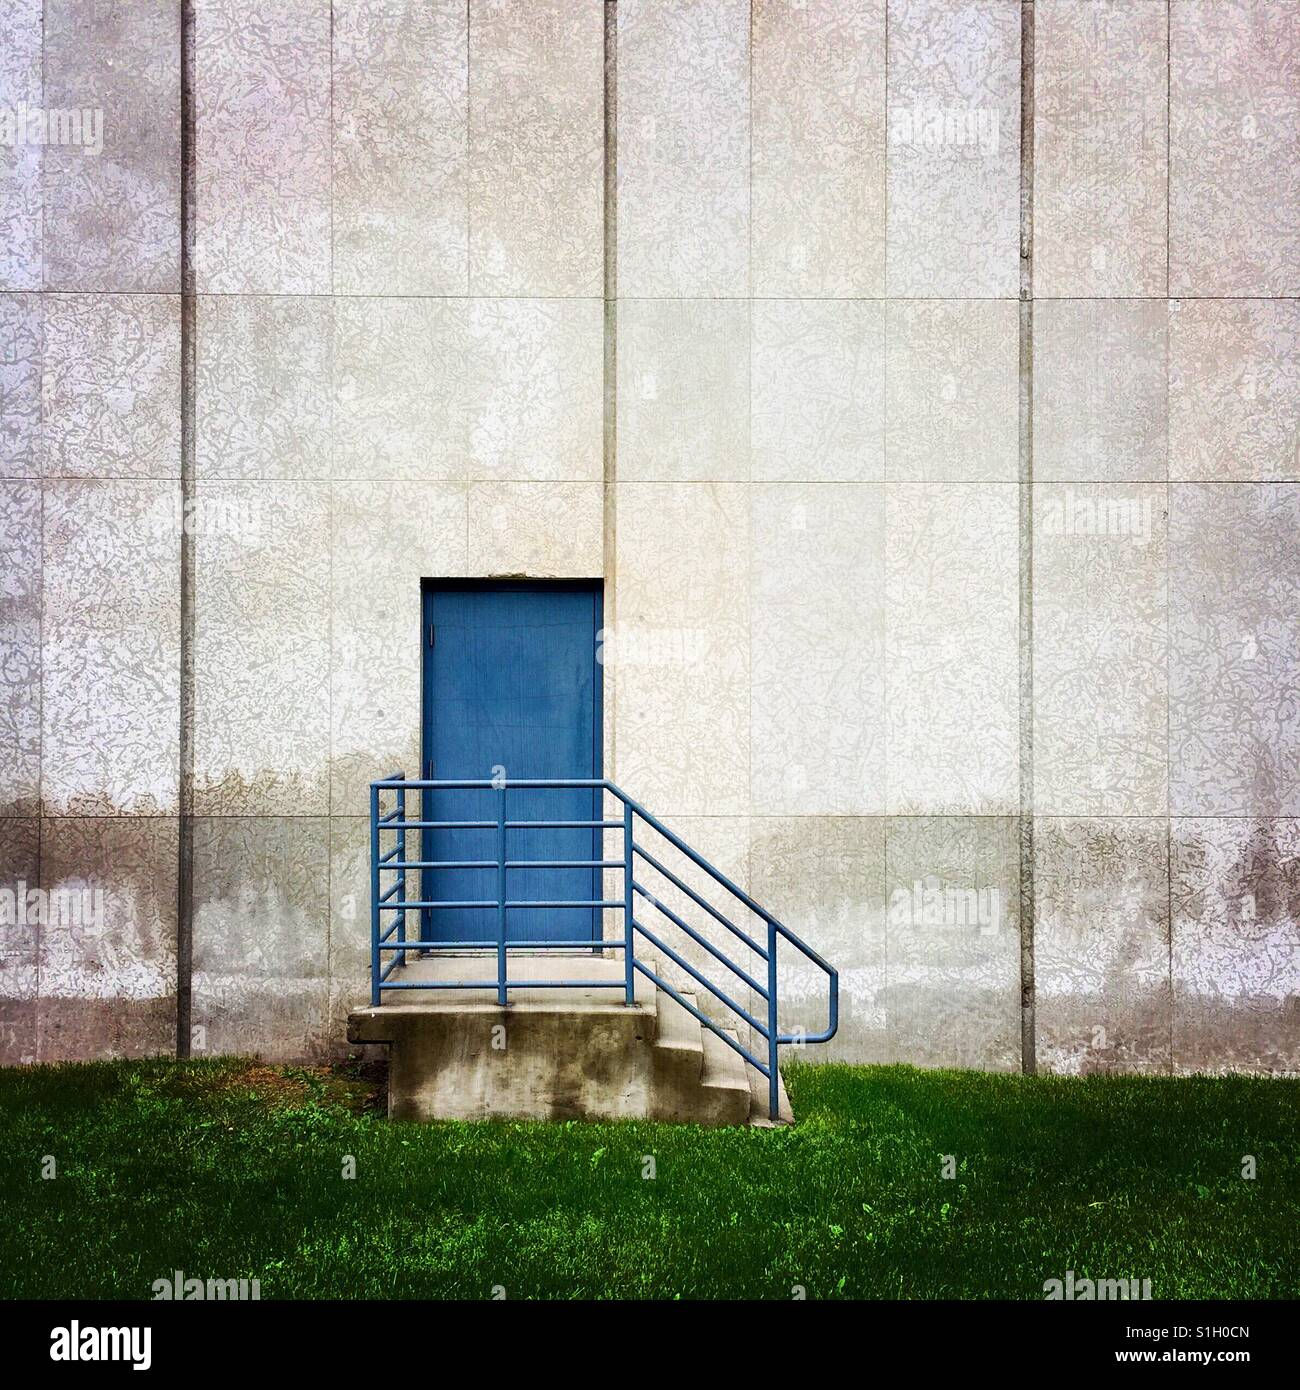 Une simple composition d'une porte bleue sur le côté d'un immeuble Banque D'Images